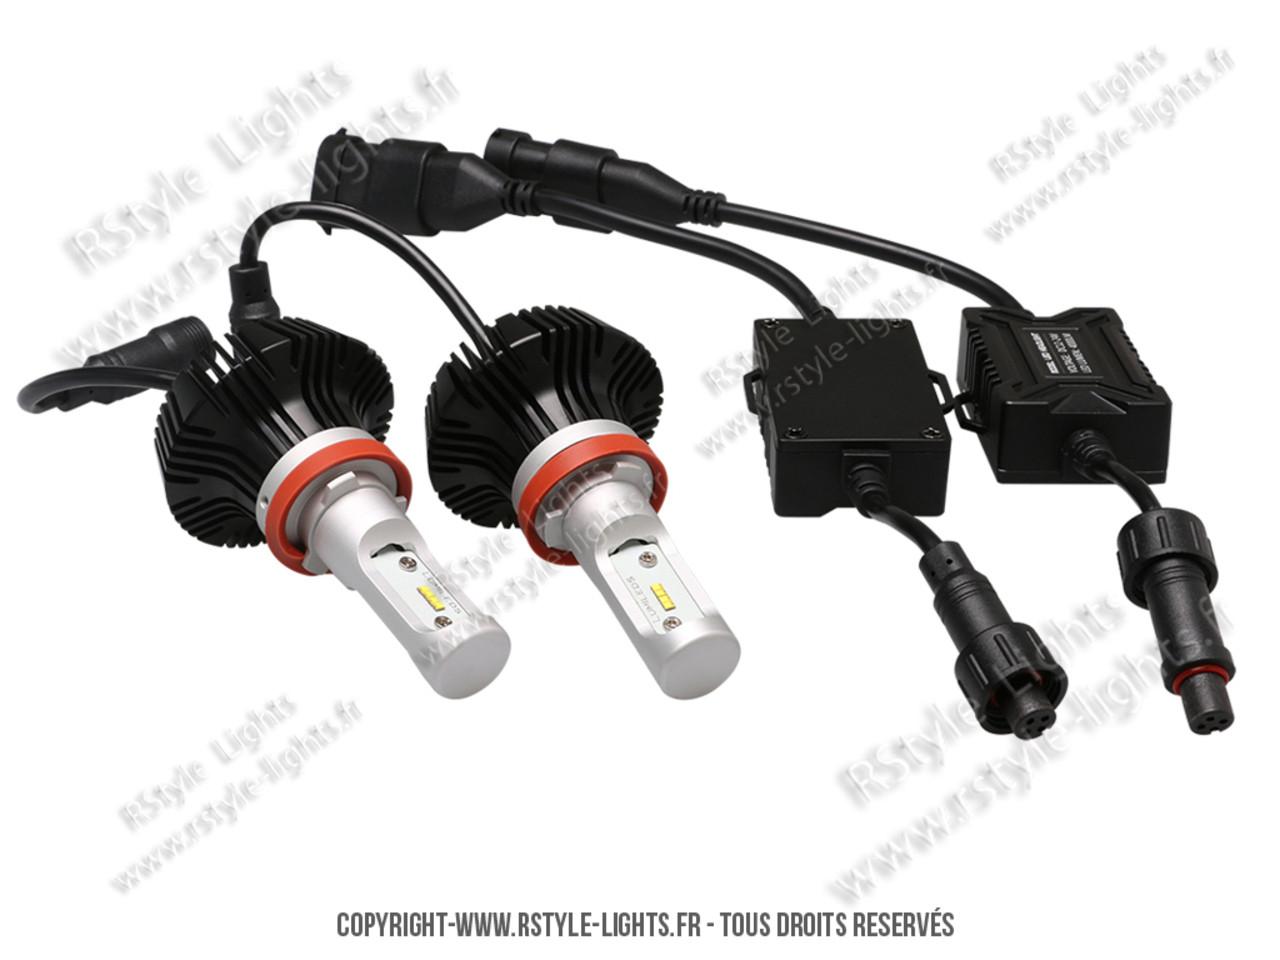 ampoules led phares h11 feux croisement route antibrouillards auto moto. Black Bedroom Furniture Sets. Home Design Ideas